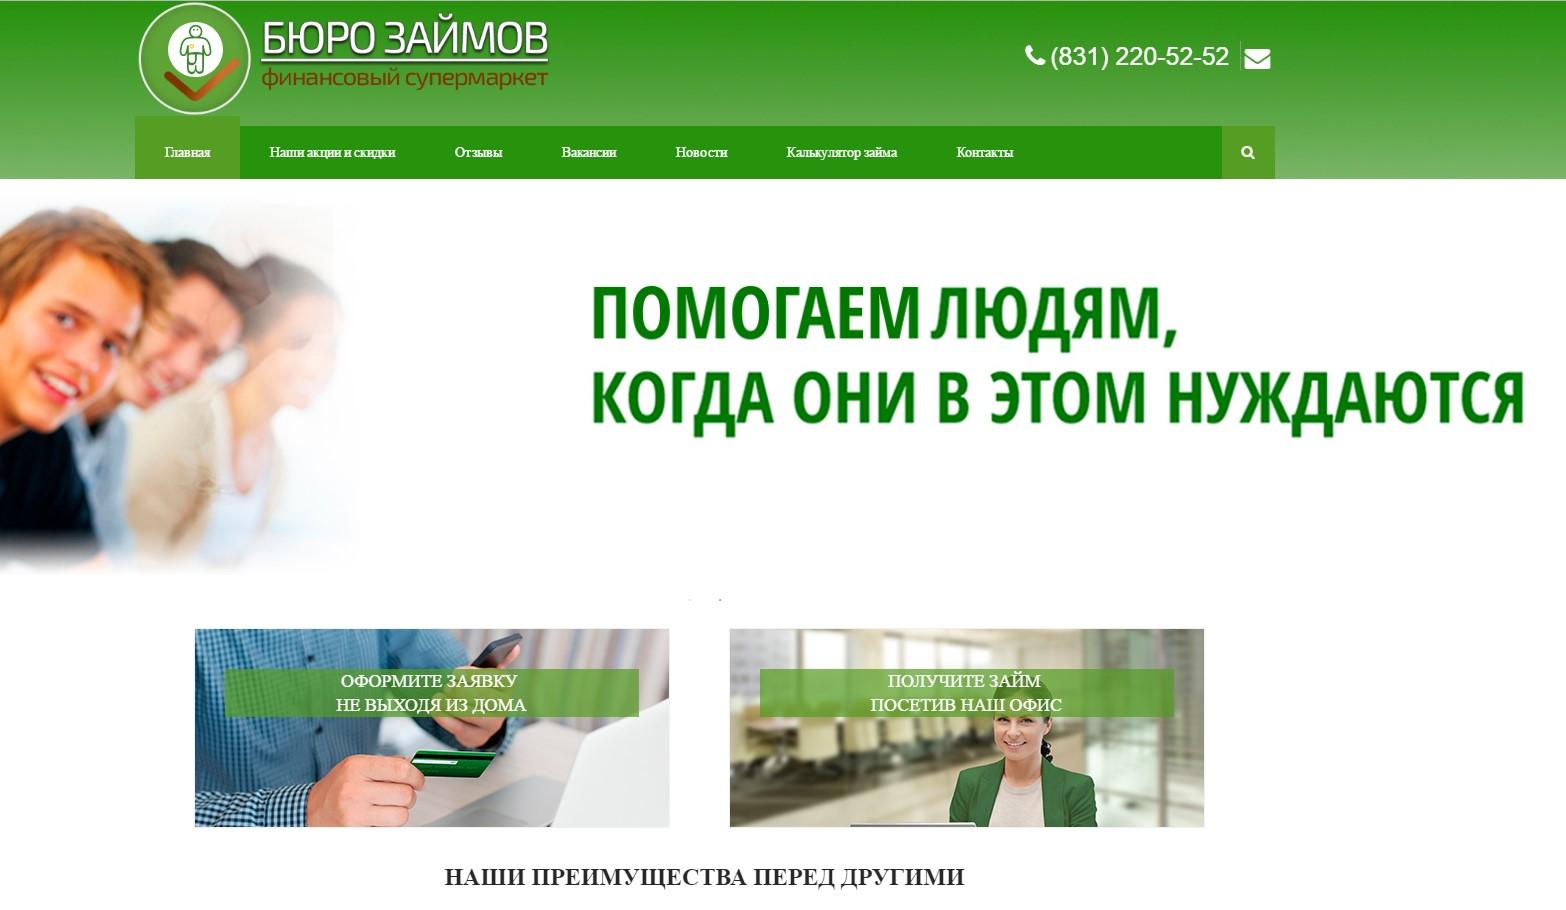 Главная страница компании «Займов.ру»